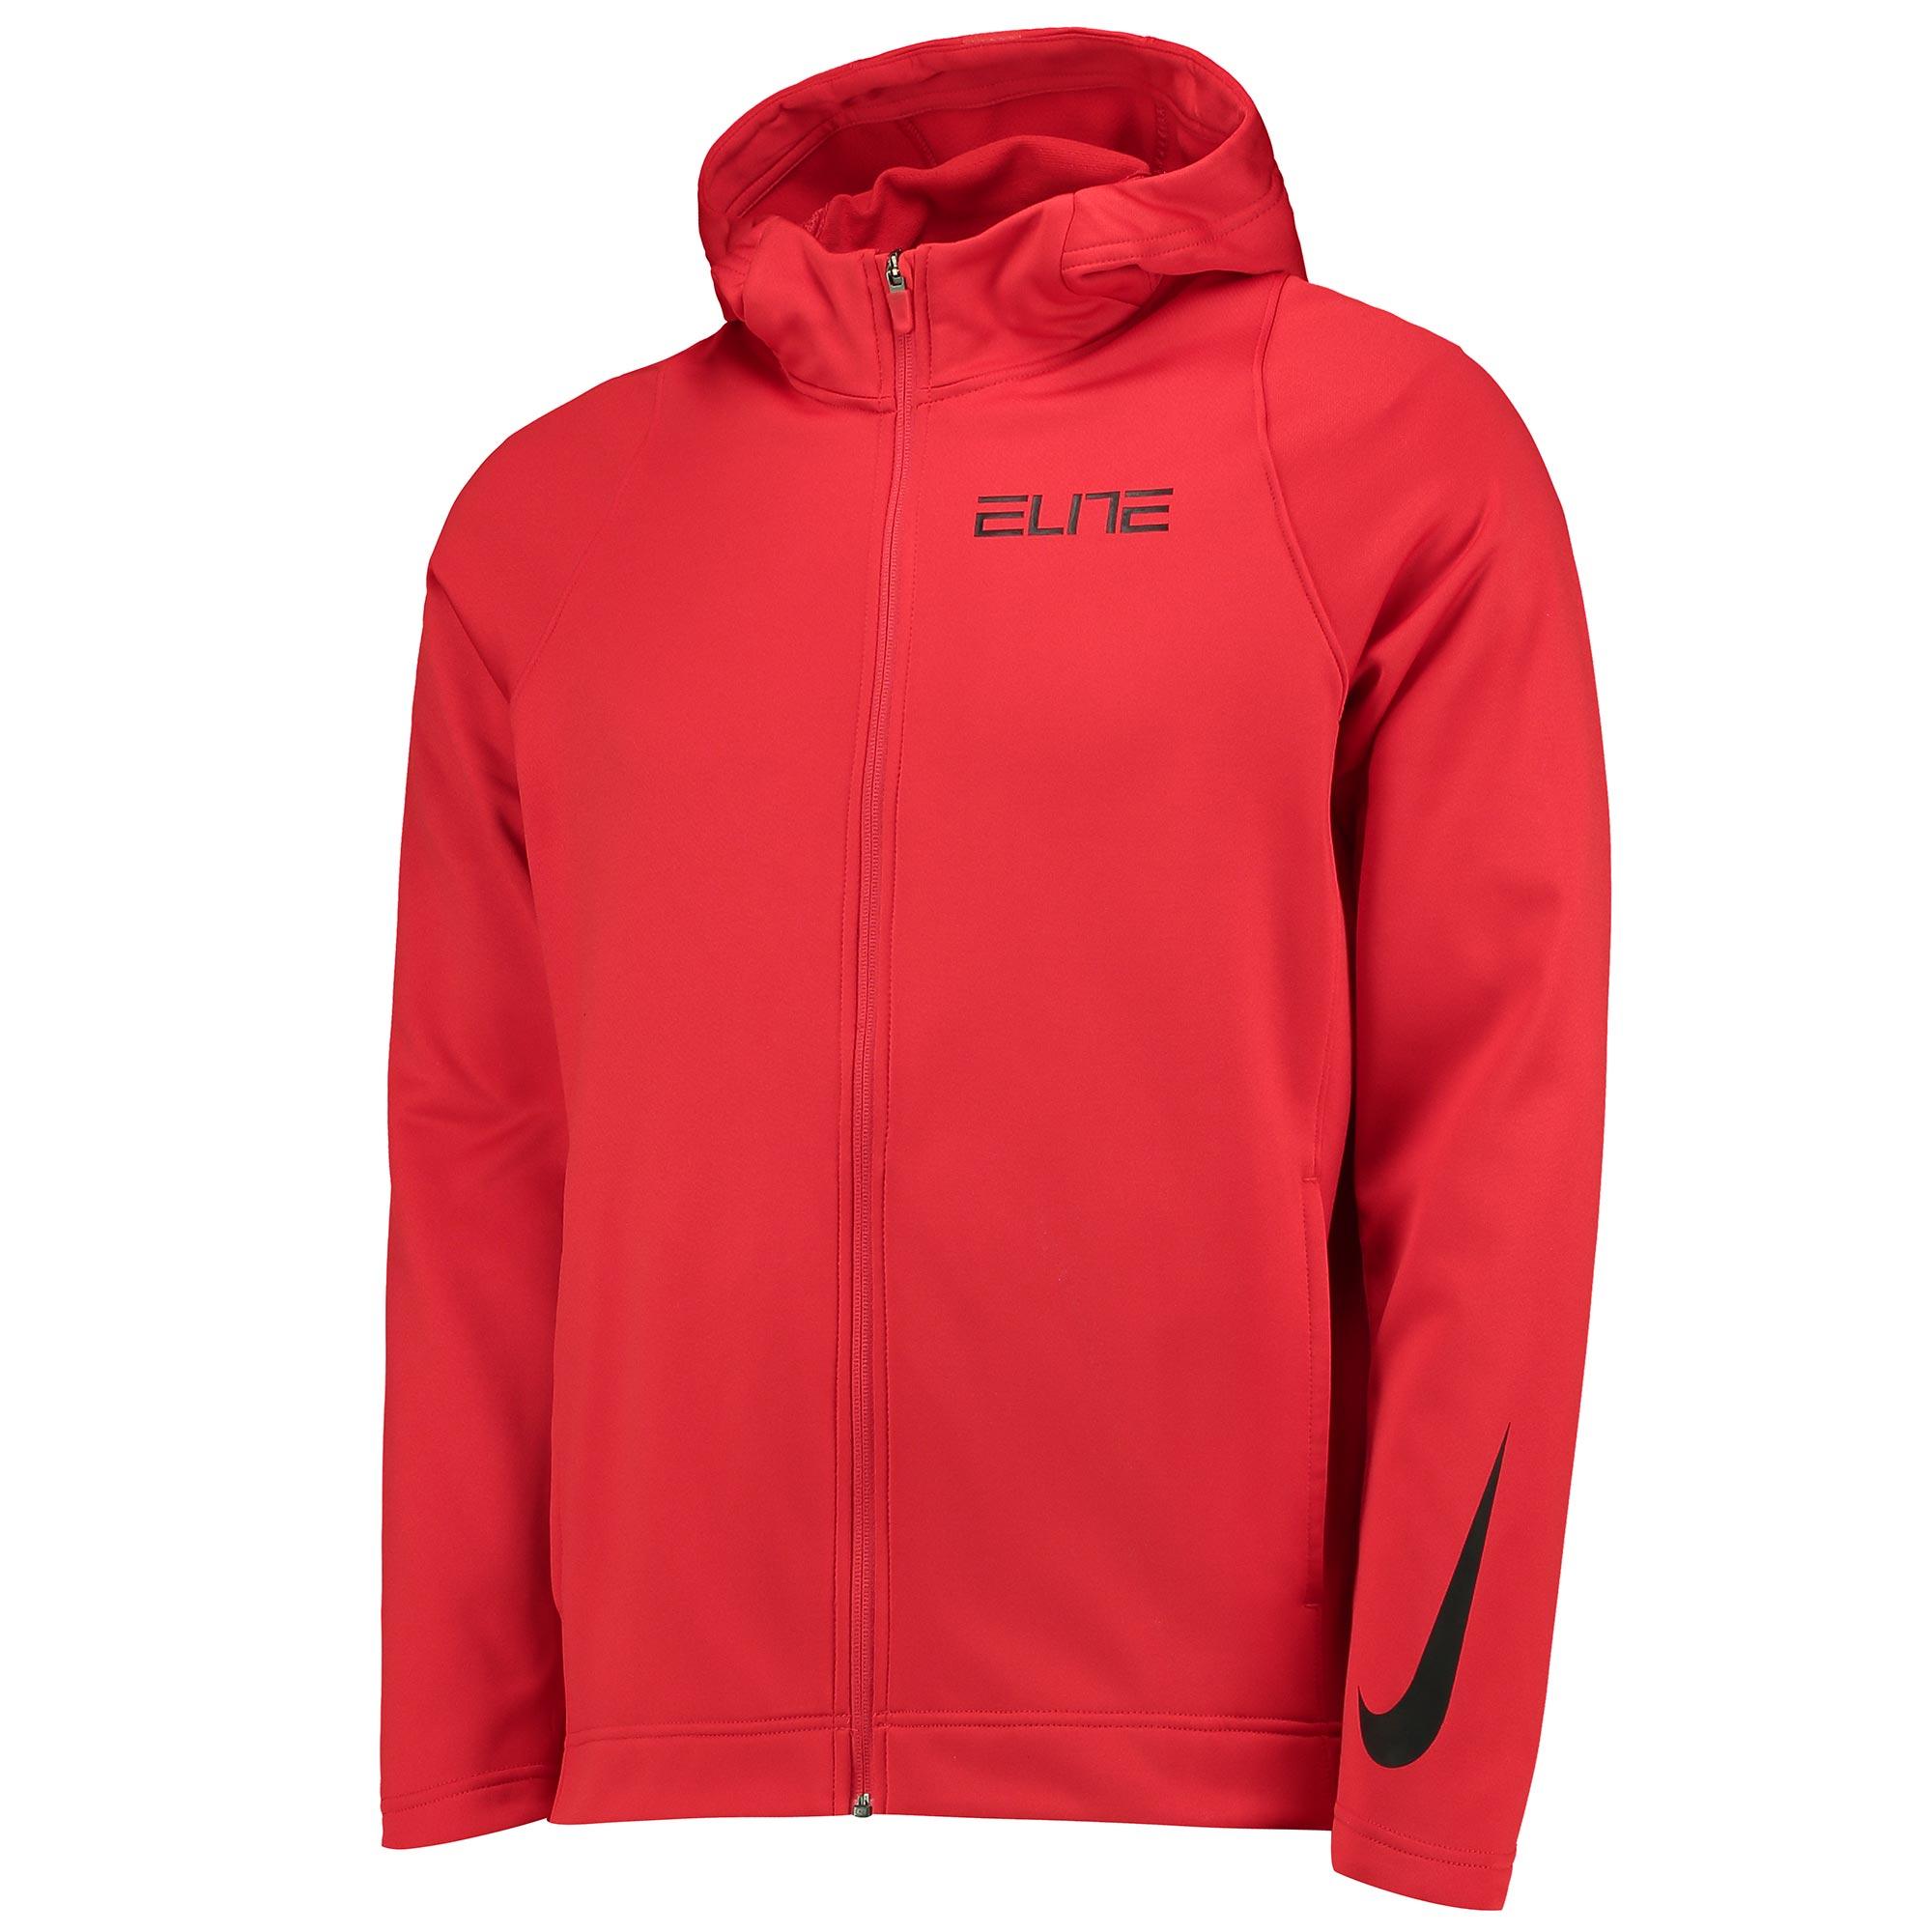 Nike Therma Elite Basketball Hoodie - University Red